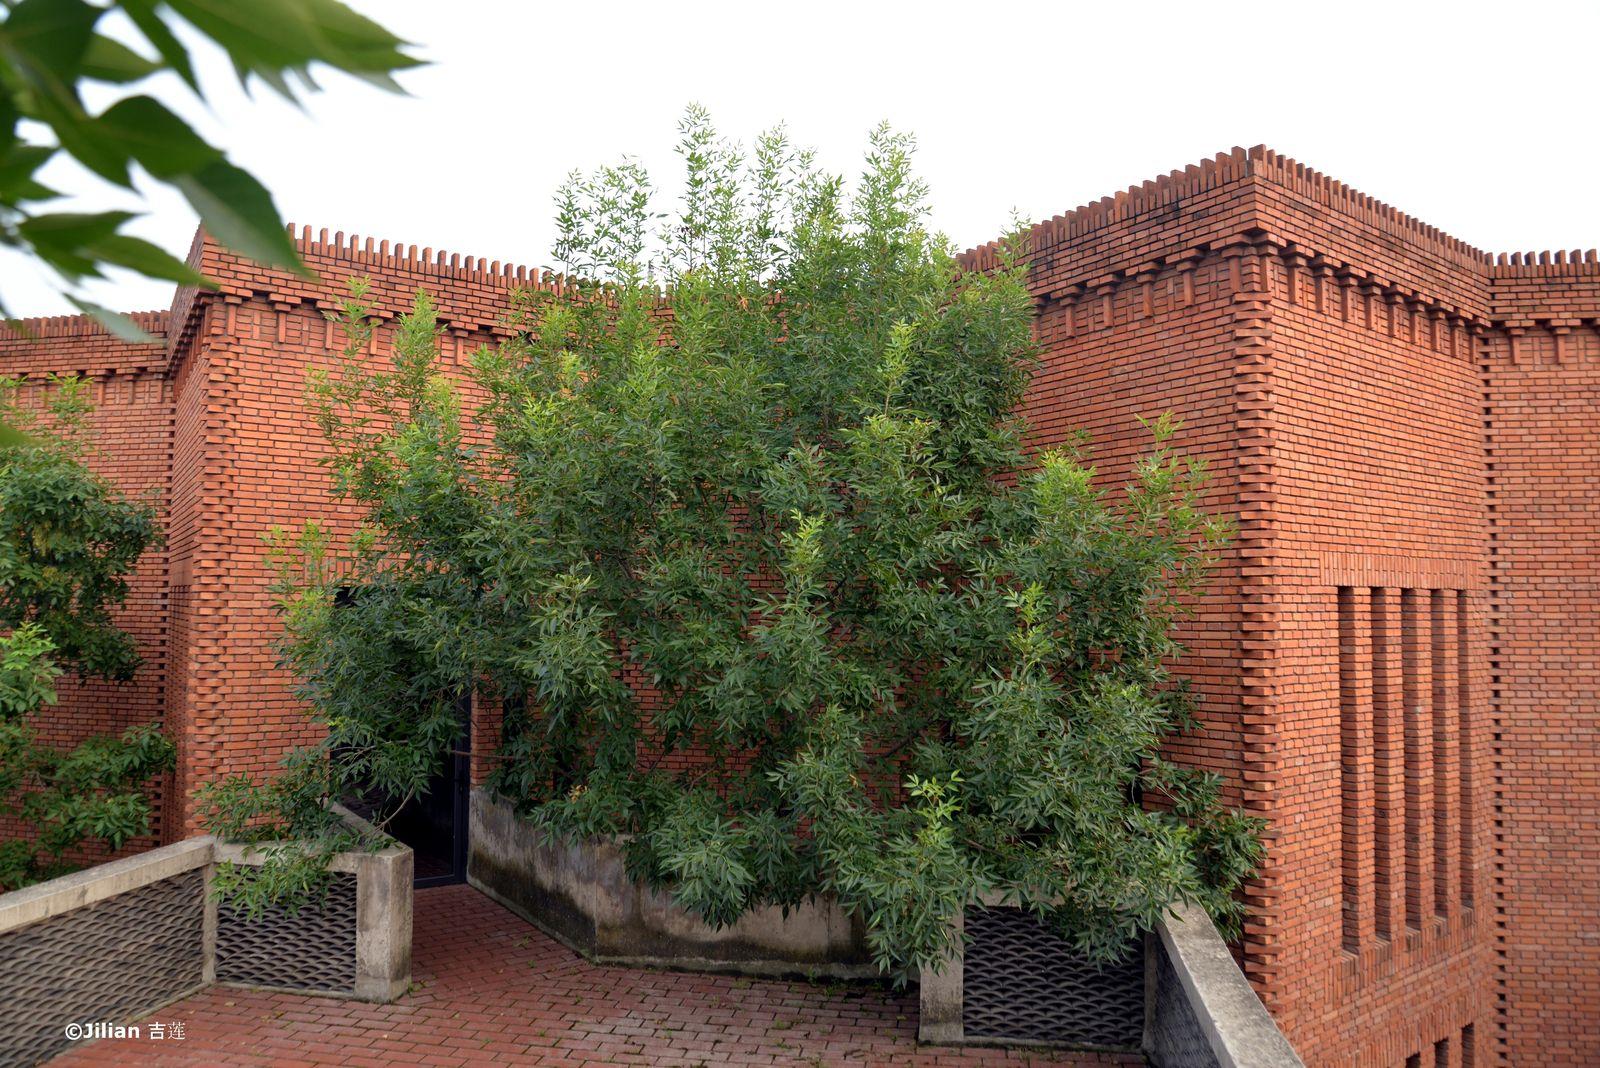 Un temple pour l'art : The Red Brick Museum à Beijing - 北京红砖美术馆 :艺术的庙宇